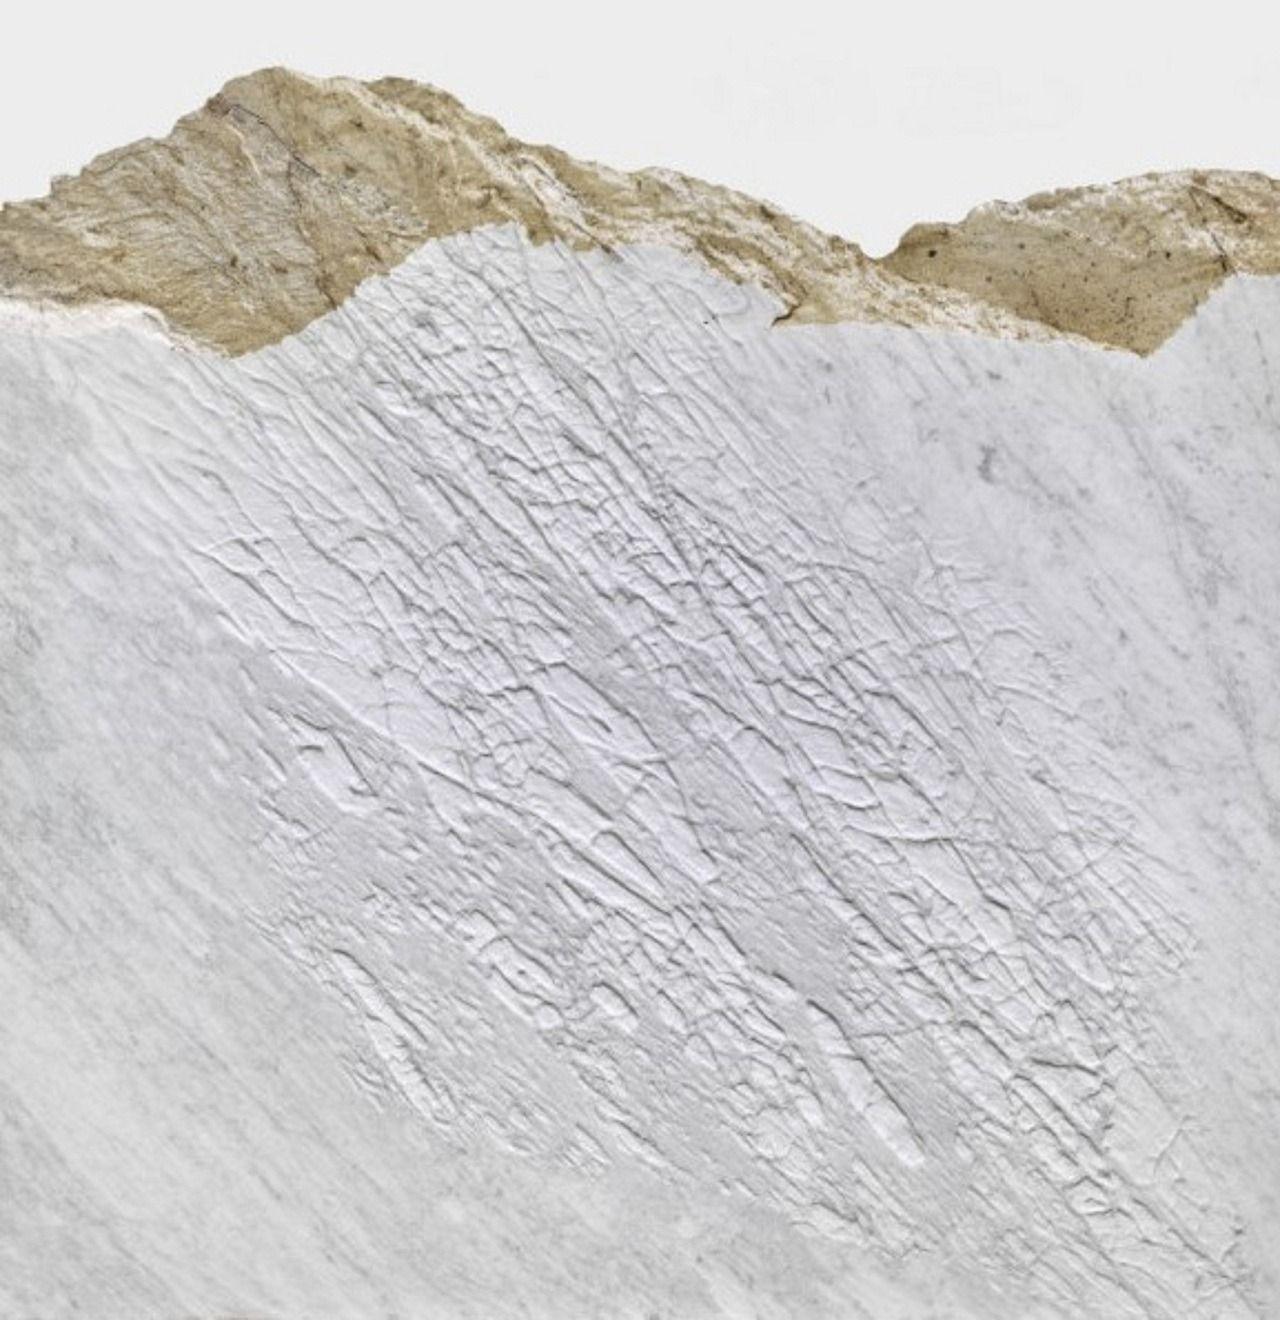 """istmos: """"Giuseppe Penone, """"Pelle del monte/Mountain Skin"""", 2012 """""""